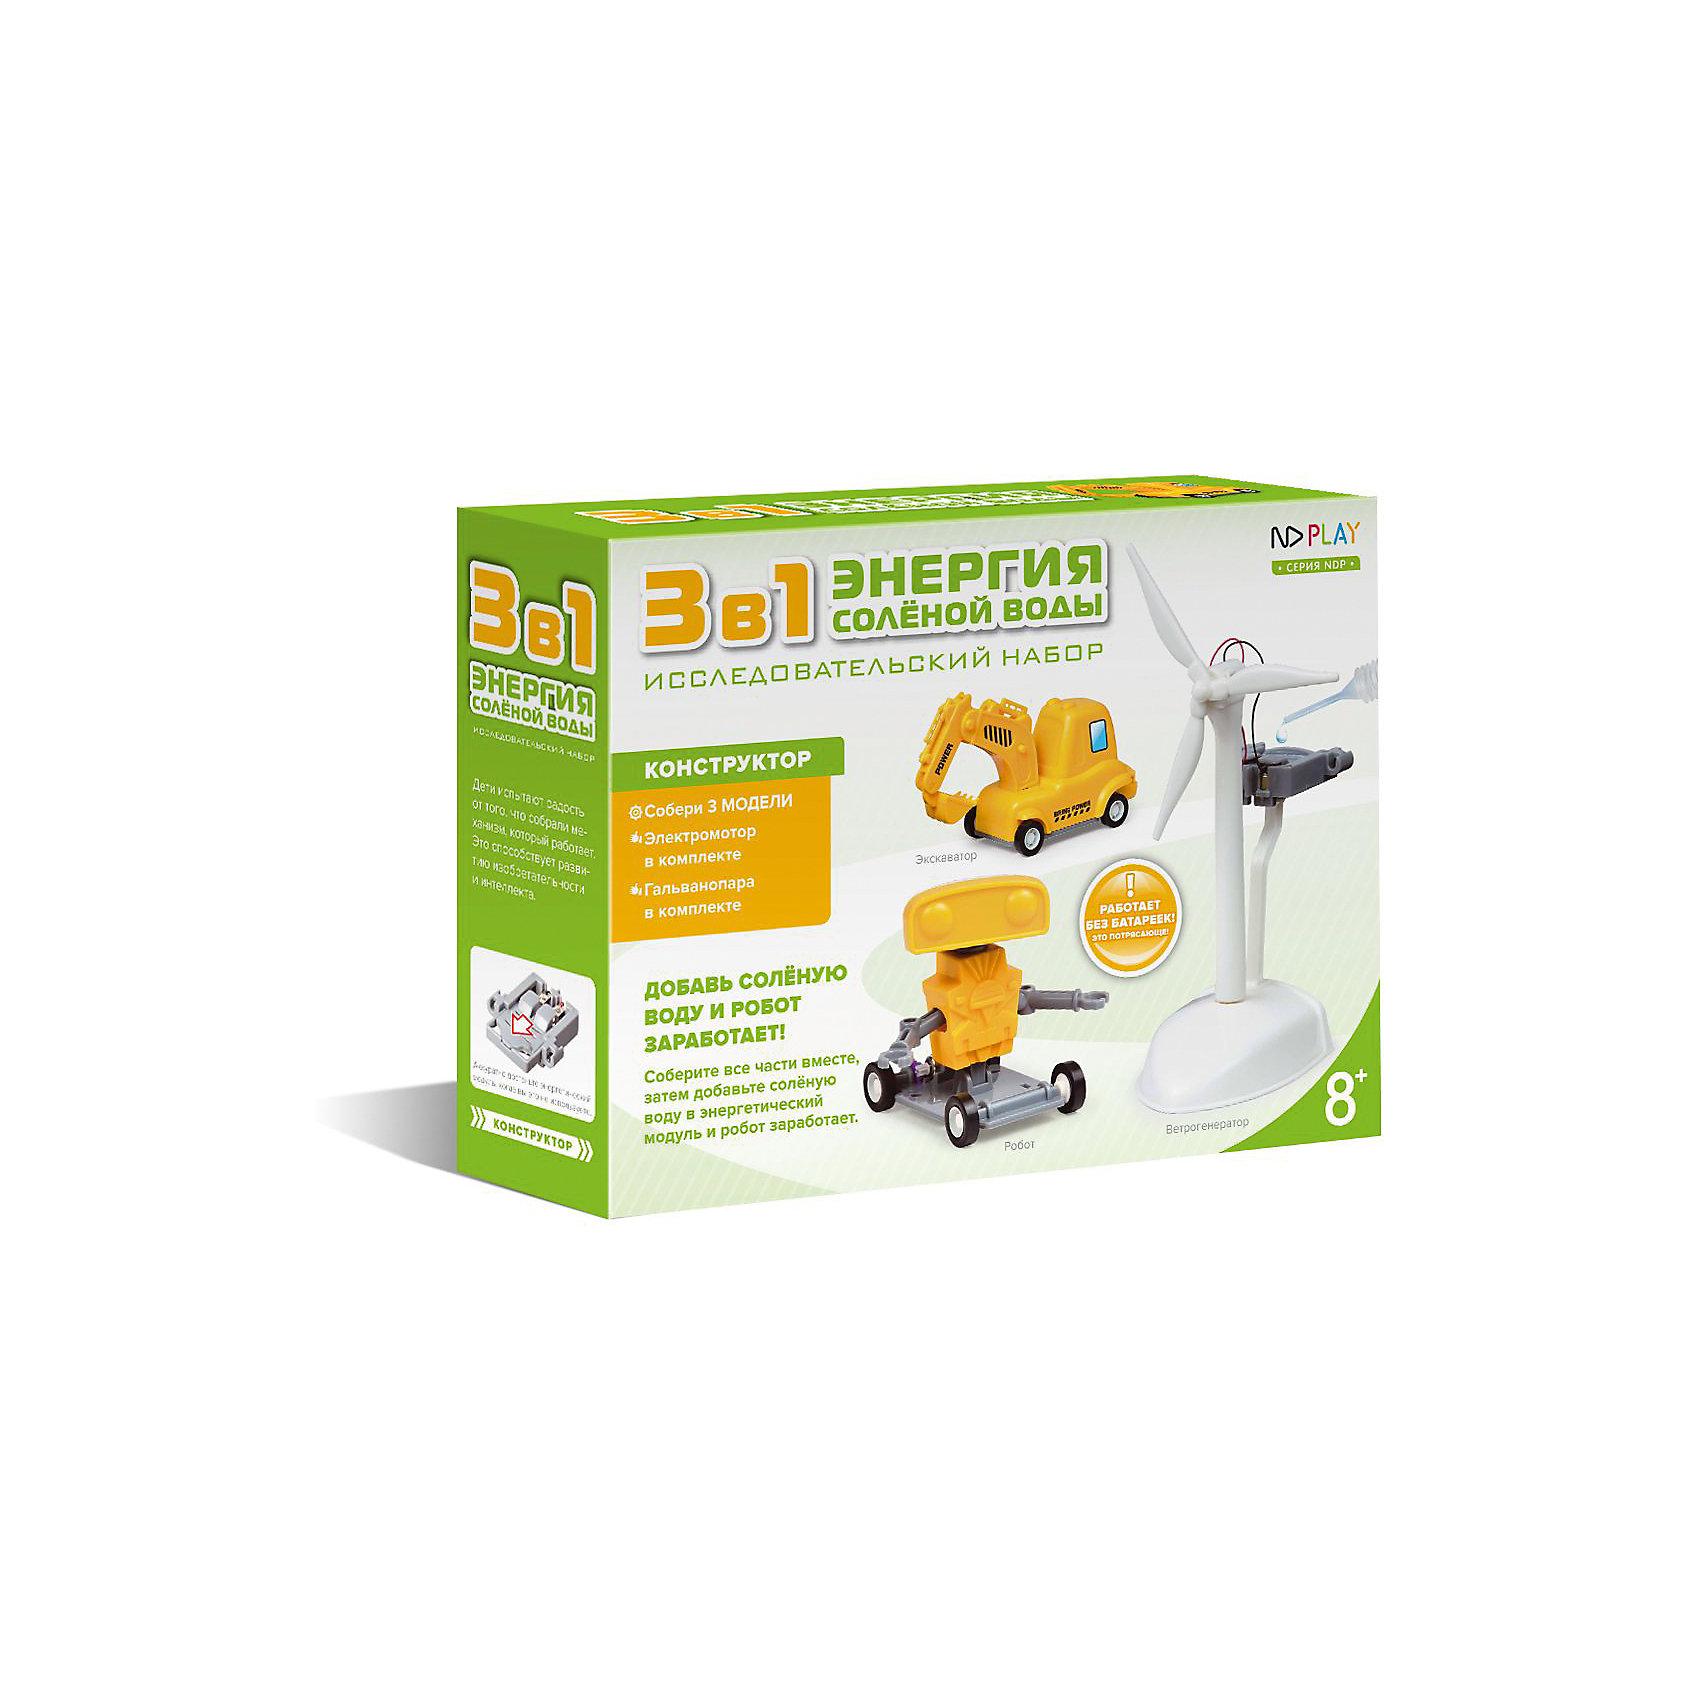 Энергия солёной воды, 3 в 1Наборы для робототехники<br>Характеристики товара:<br><br>• возраст: от 8 лет;<br>• материал: пластик;<br>• в комплекте: 52 детали;<br>• размер упаковки: 24х18х6,5 см;<br>• вес упаковки: 256 гр.;<br>• страна производитель: Китай.<br><br>Конструктор «Энергия соленой воды 3 в 1» ND Play позволит детям не только увлекательно провести время, но и поможет развить навыки конструирования и познакомит с роботостроением. В процессе сборки развиваются логическое мышление, смекалка, внимательность, усидчивость. <br><br>Из элементов конструктора собираются 3 робота, которые приводятся в движение обычной соленой водой. На каждом из них имеется свой топливный элемент, в который нужно добавить немного соленой воды, чтобы робот начал движение. Все детали выполнены из качественного безопасного пластика и собираются между собой без дополнительных инструментов.<br><br>Конструктор «Энергия соленой воды 3 в 1» ND Play можно приобрести в нашем интернет-магазине.<br><br>Ширина мм: 240<br>Глубина мм: 65<br>Высота мм: 180<br>Вес г: 256<br>Возраст от месяцев: 96<br>Возраст до месяцев: 2147483647<br>Пол: Мужской<br>Возраст: Детский<br>SKU: 6709647